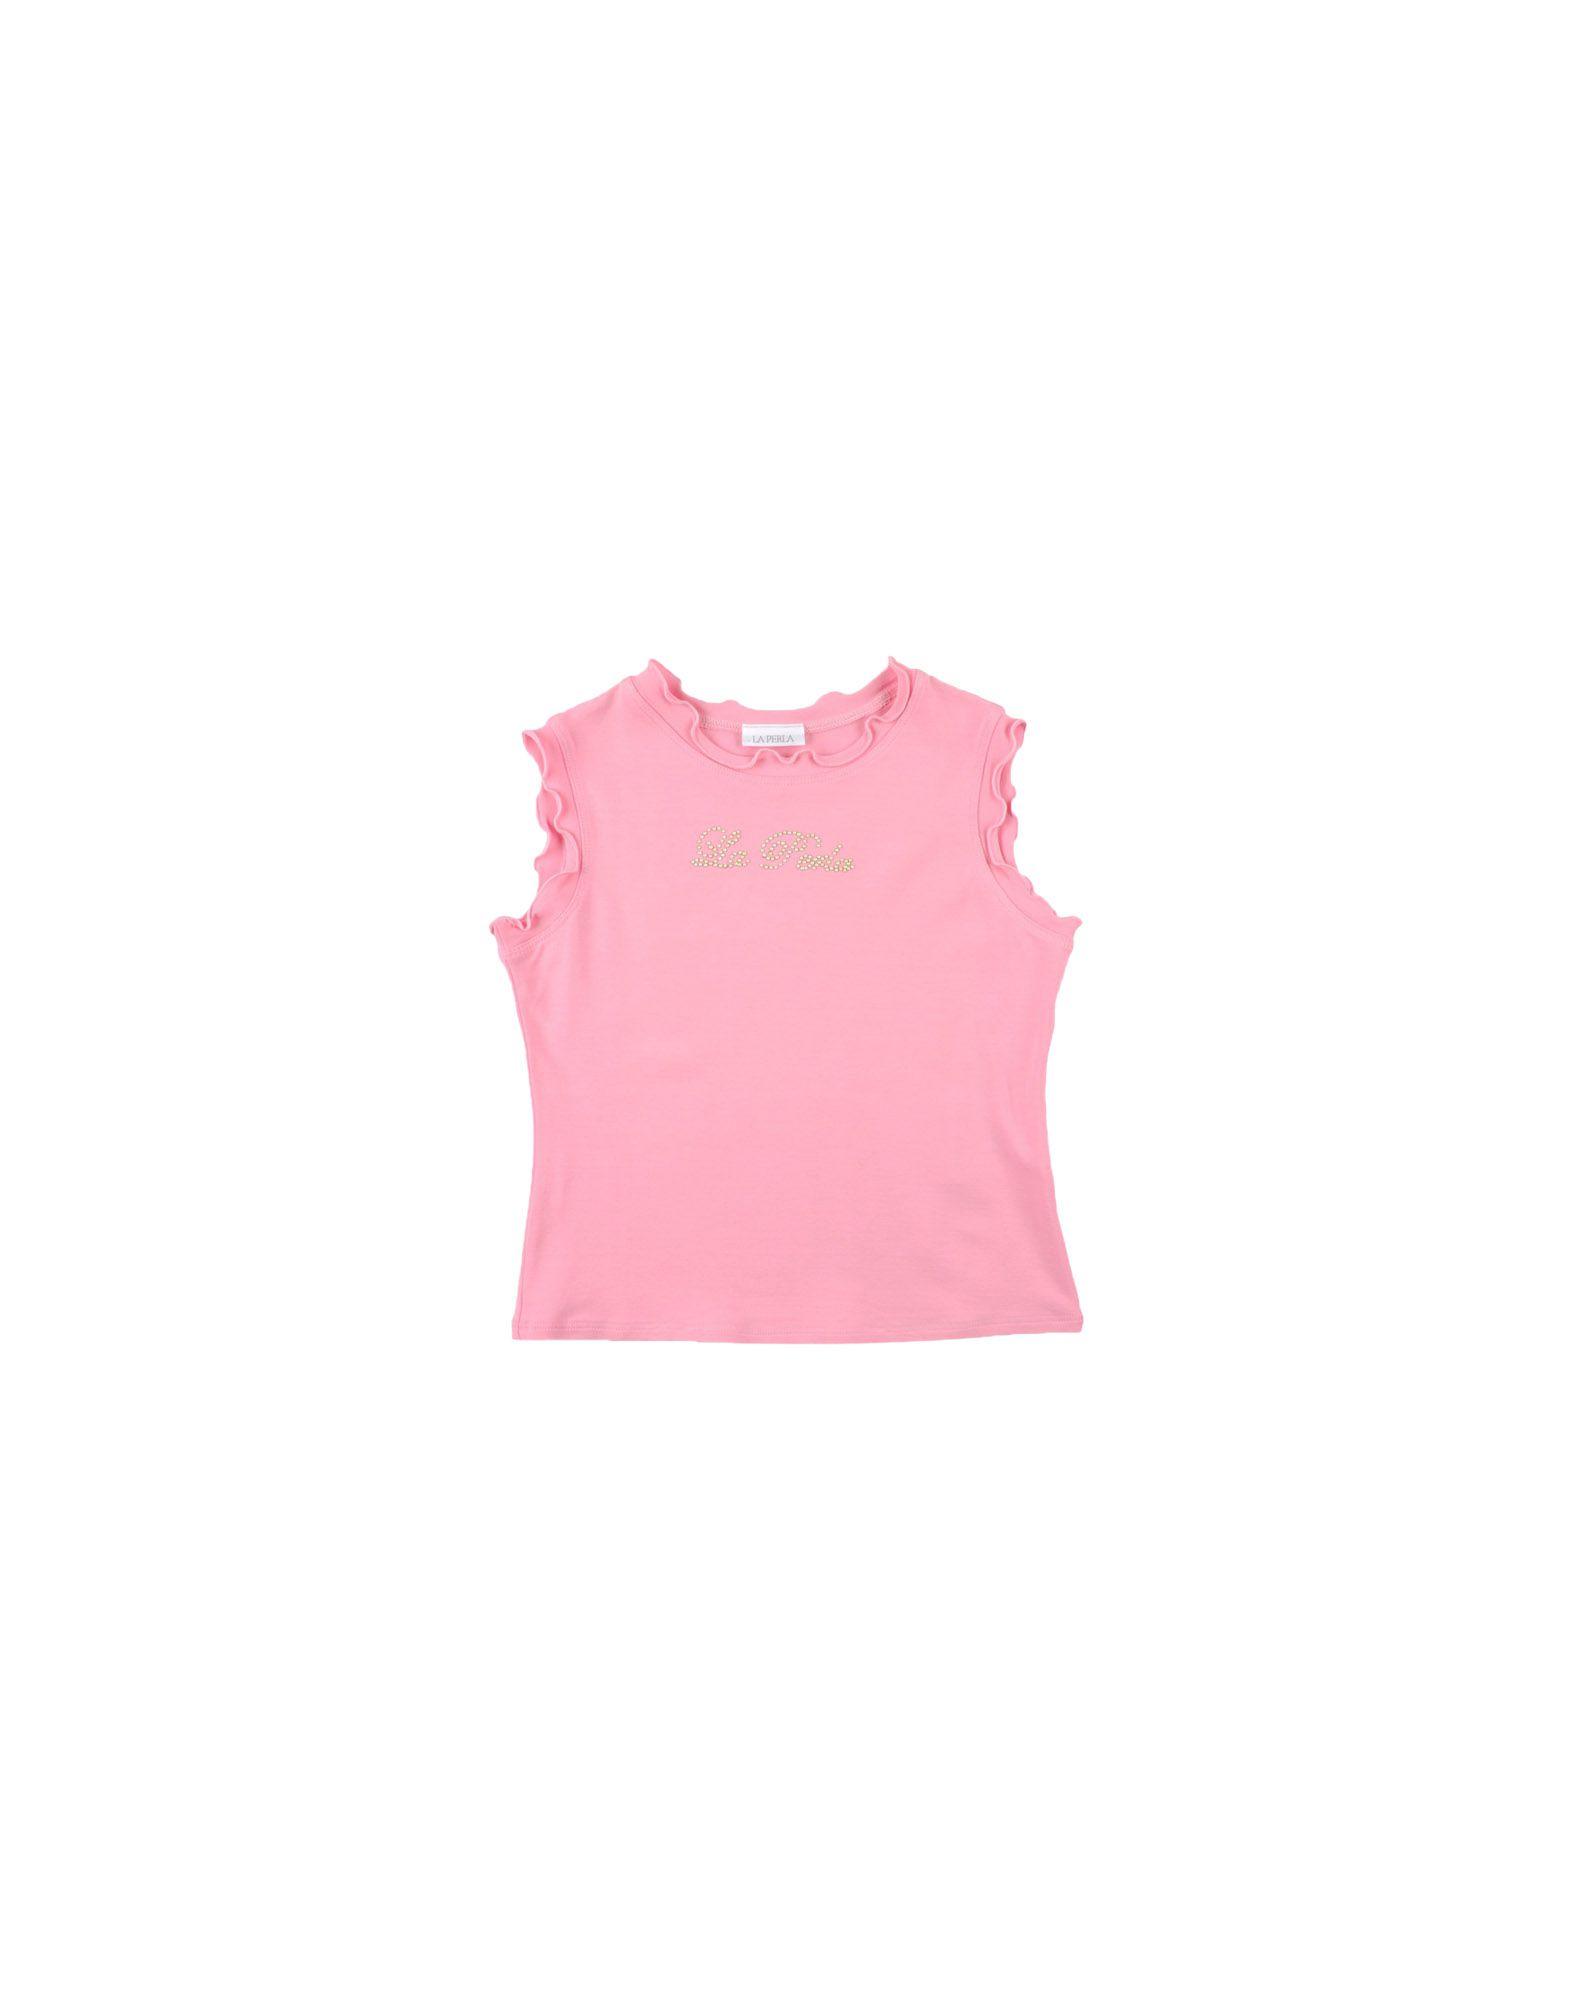 LA PERLA - TOPS - T-shirts